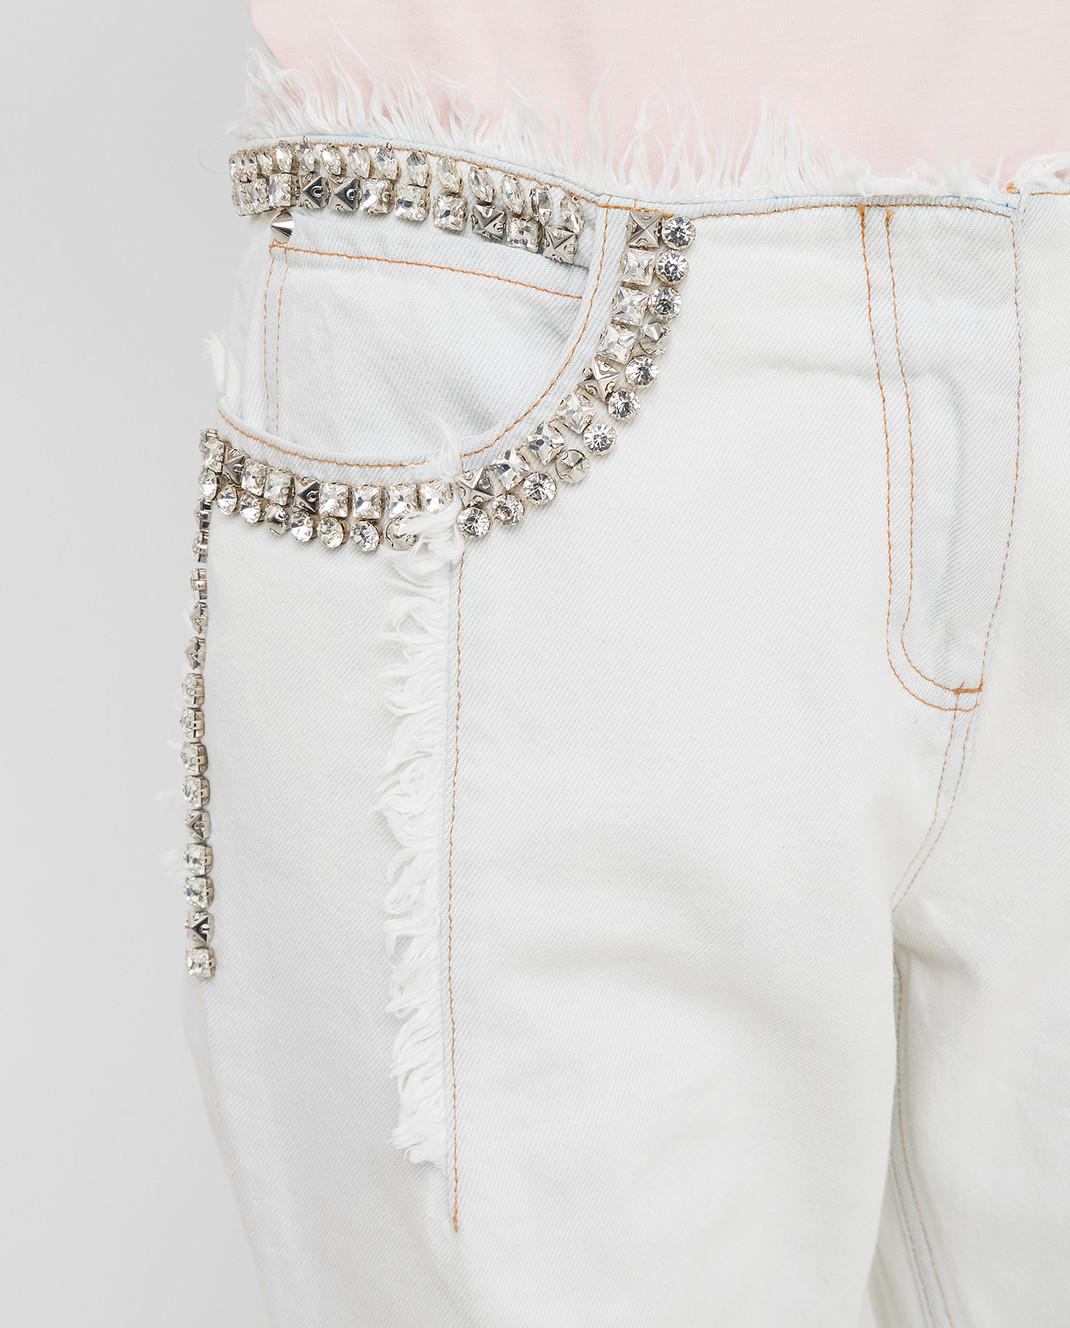 Roberto Cavalli Белые джинсы с кристаллами CKJ211 изображение 5